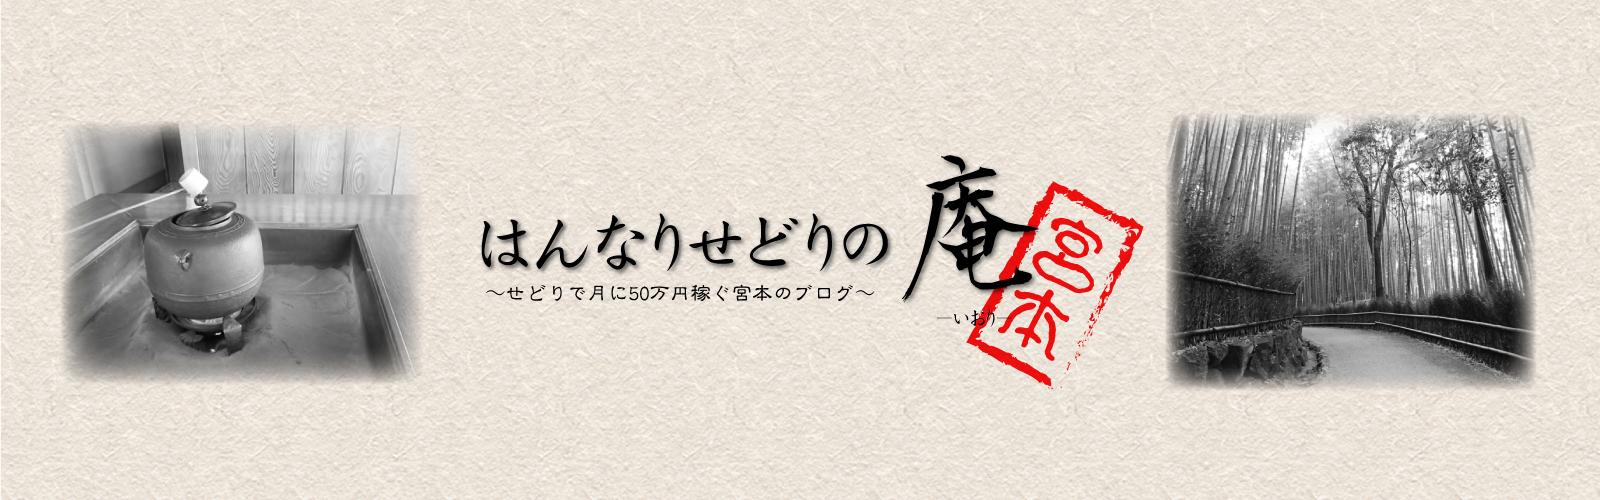 せどりで月収50万円稼ぐはんなり宮本のブログ